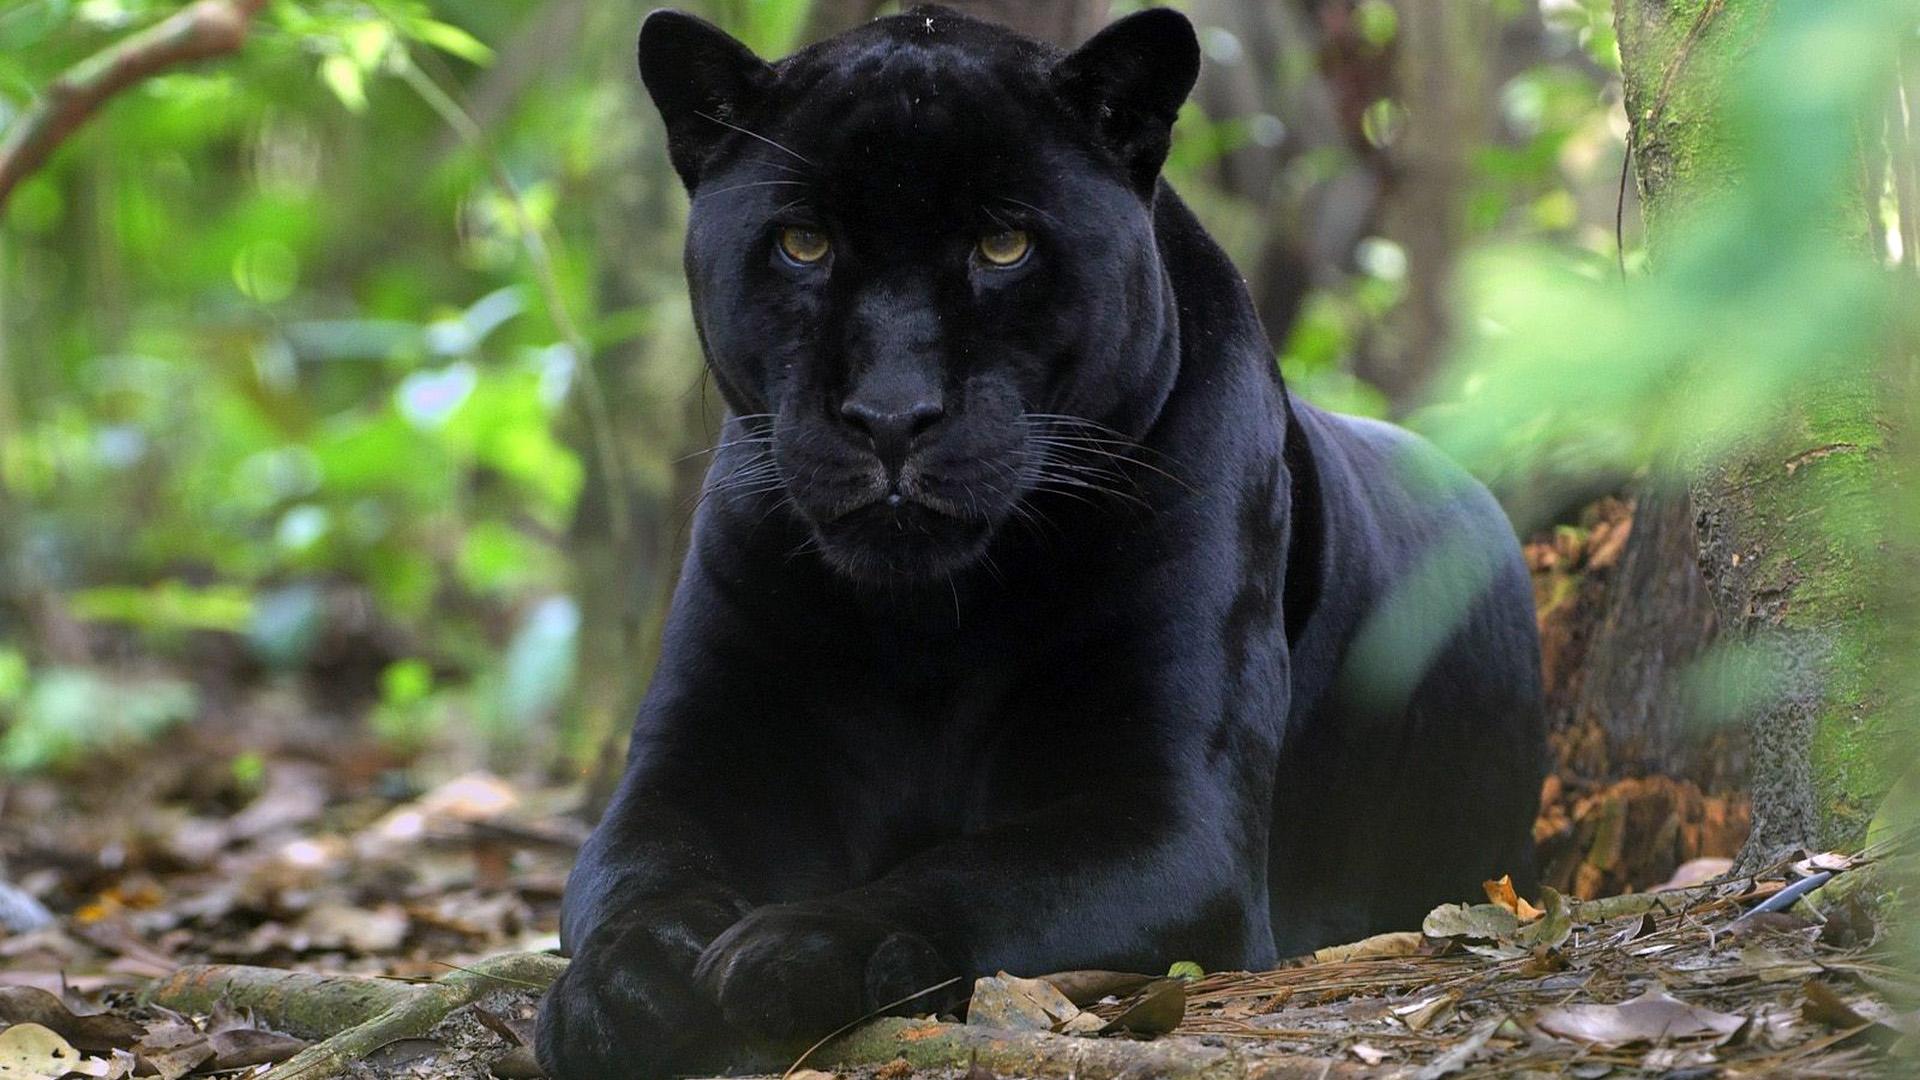 Красивые обои на рабочий стол Пантера - необычные фото животного 2